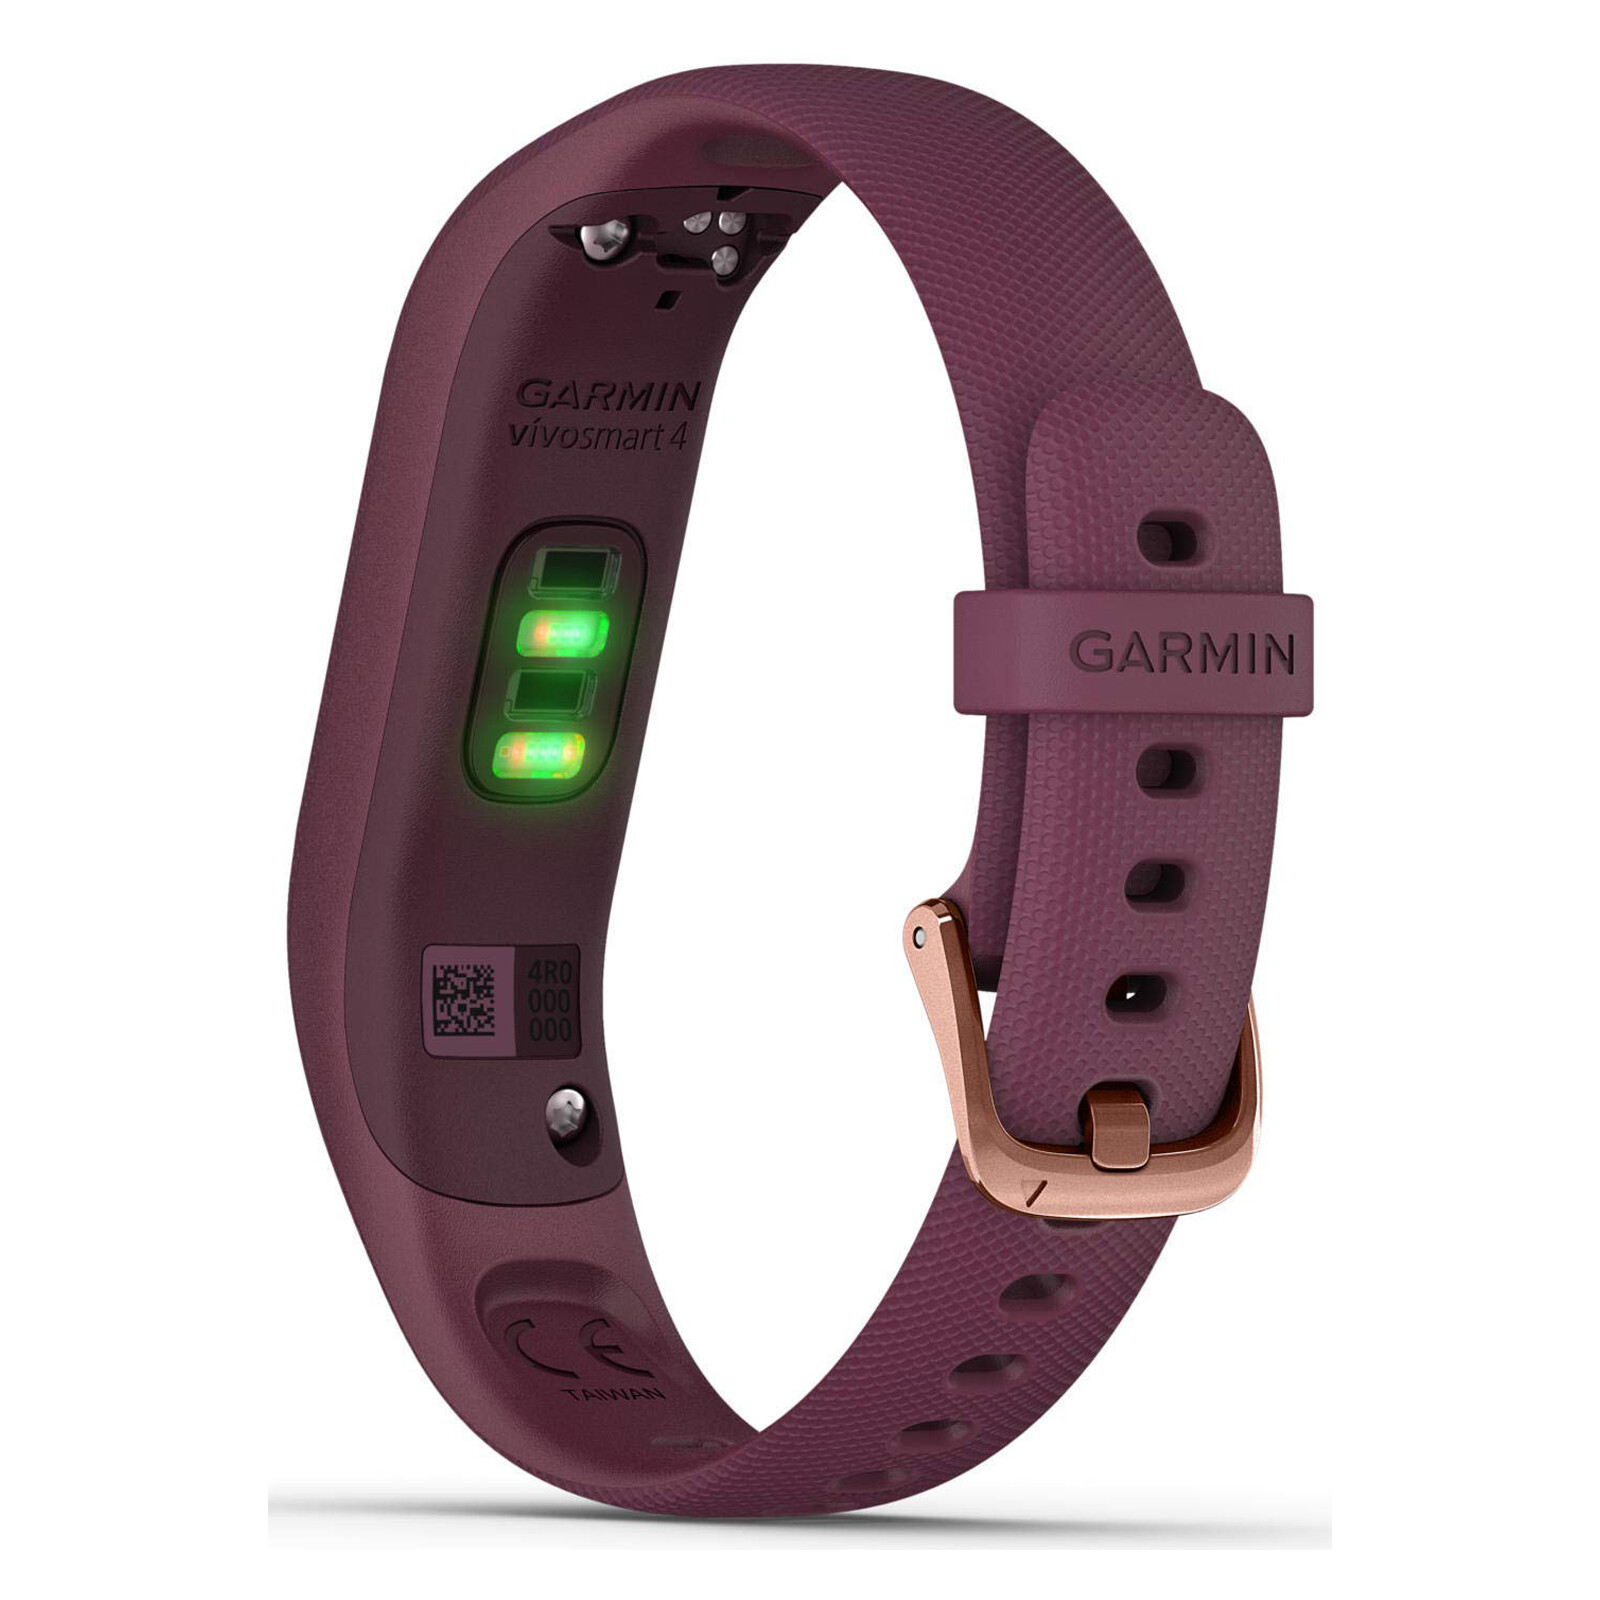 Fitness-Tracker Garmin Vivosmart 4 S/M Dunkelrot/Rosegold